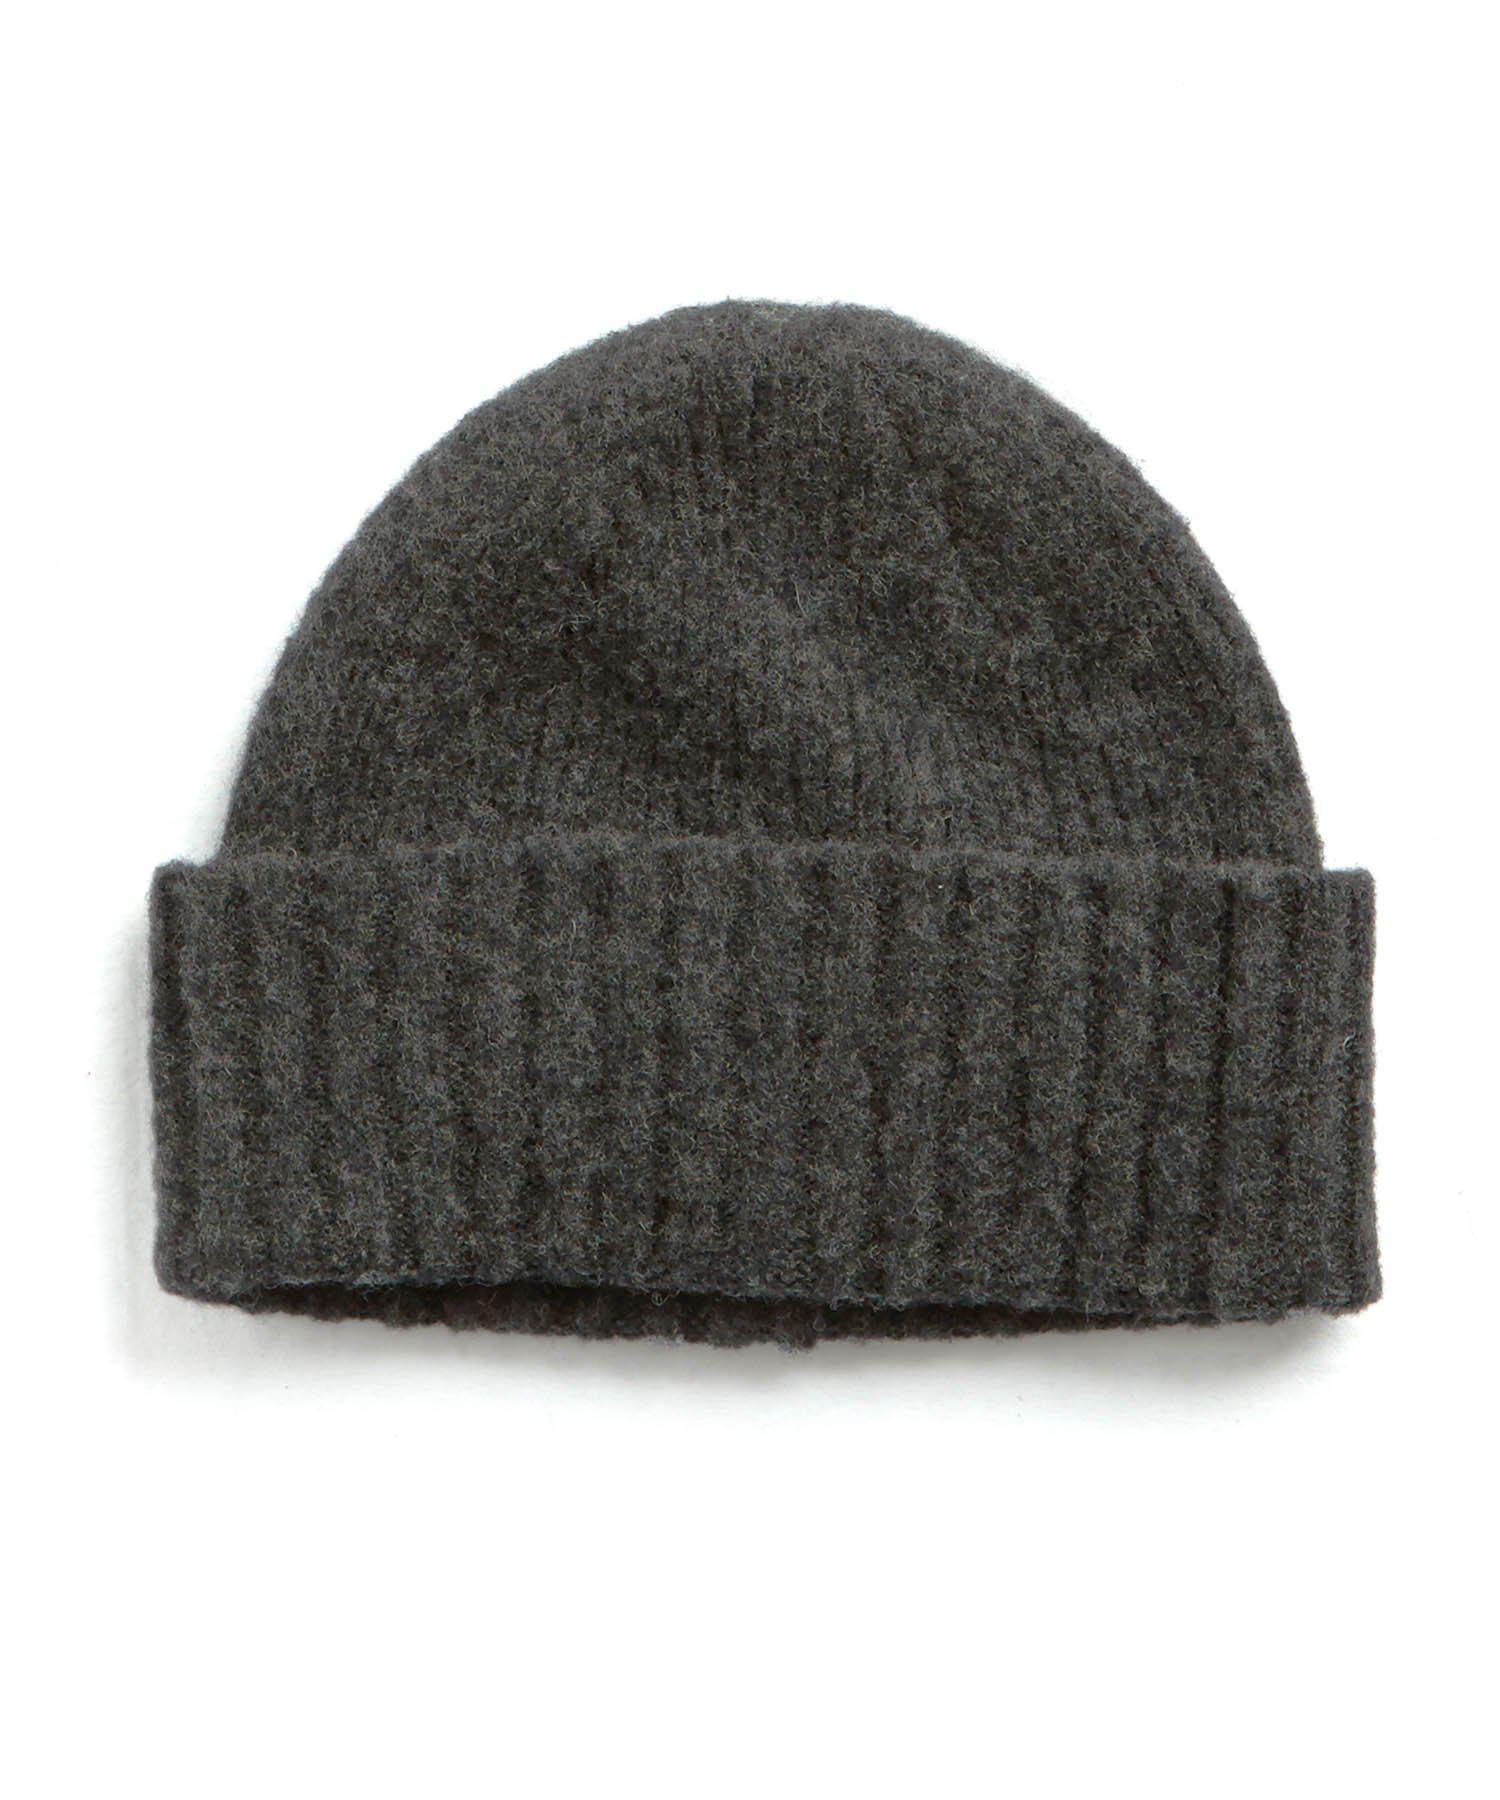 John Varvatos Star U.S.A Mens 100/% Merino Wool Rib Knit Hat NWT $68